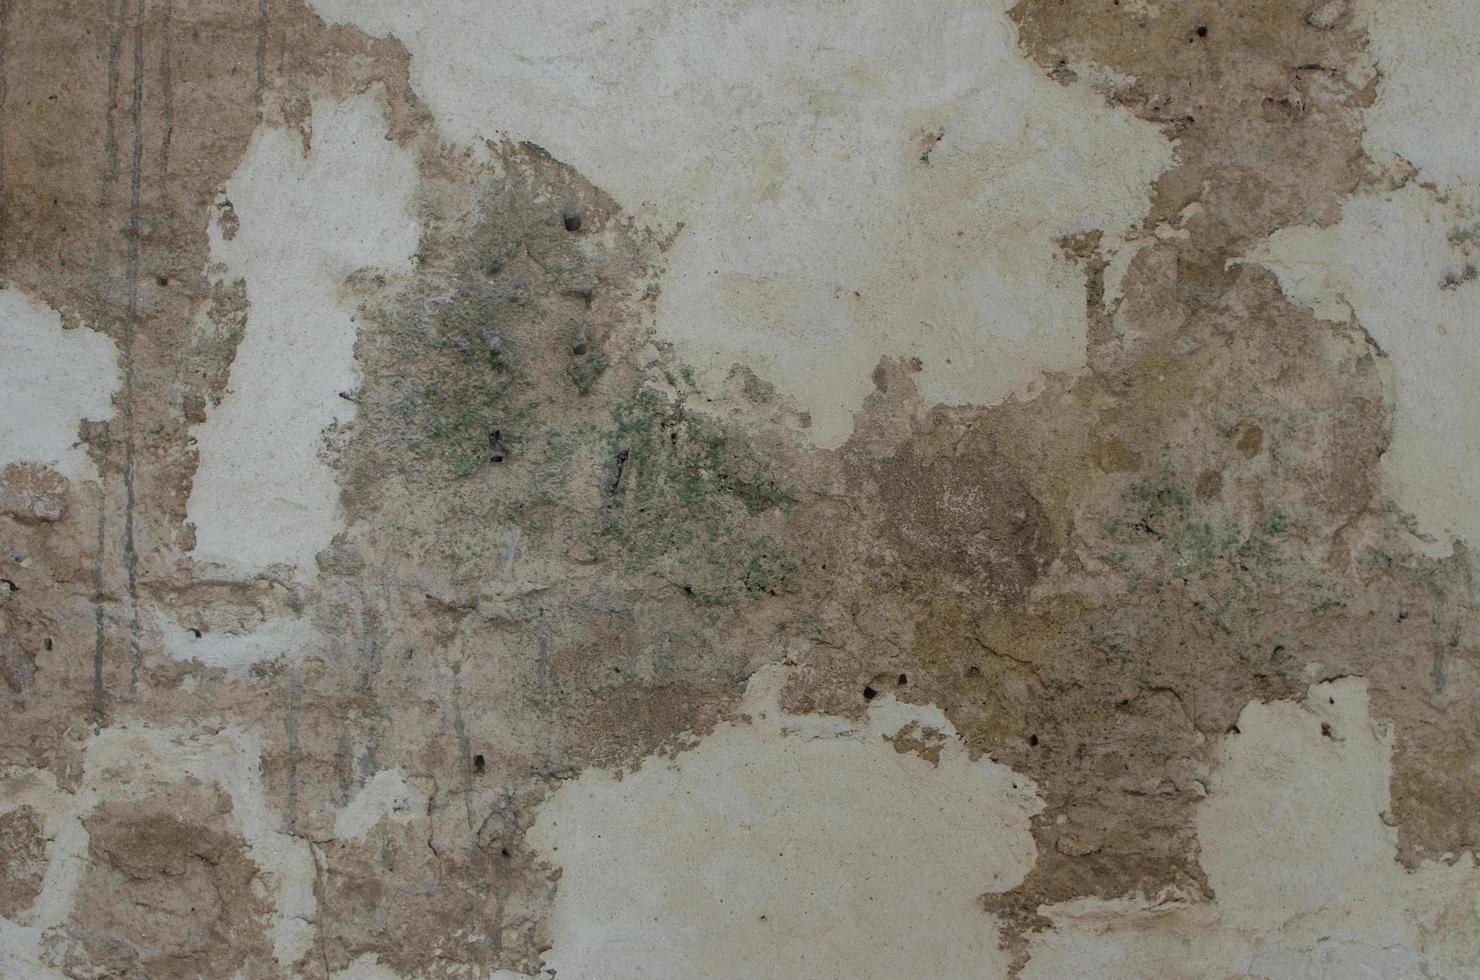 cement muur, vintage achtergrond foto